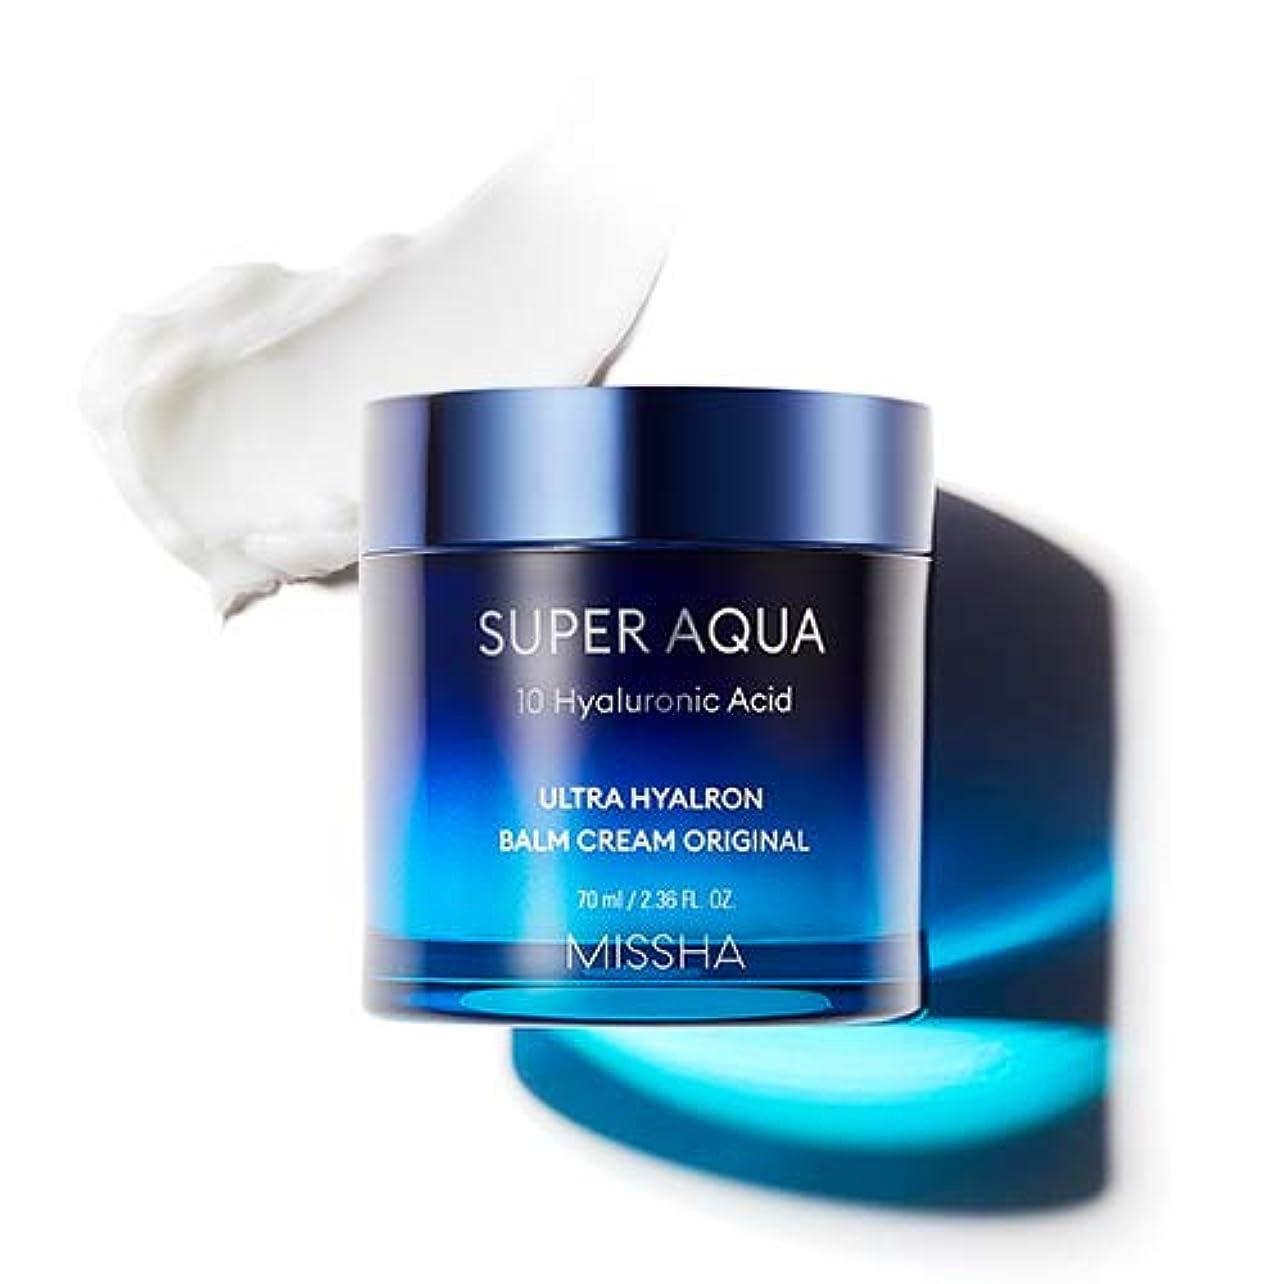 美容師暖炉捧げるMISSHA Super Aqua Ultra Hyalron Balm Cream Original ミシャ スーパーアクア ウルトラ ヒアルロン バーム クリーム オリジナル 70ml [並行輸入品]